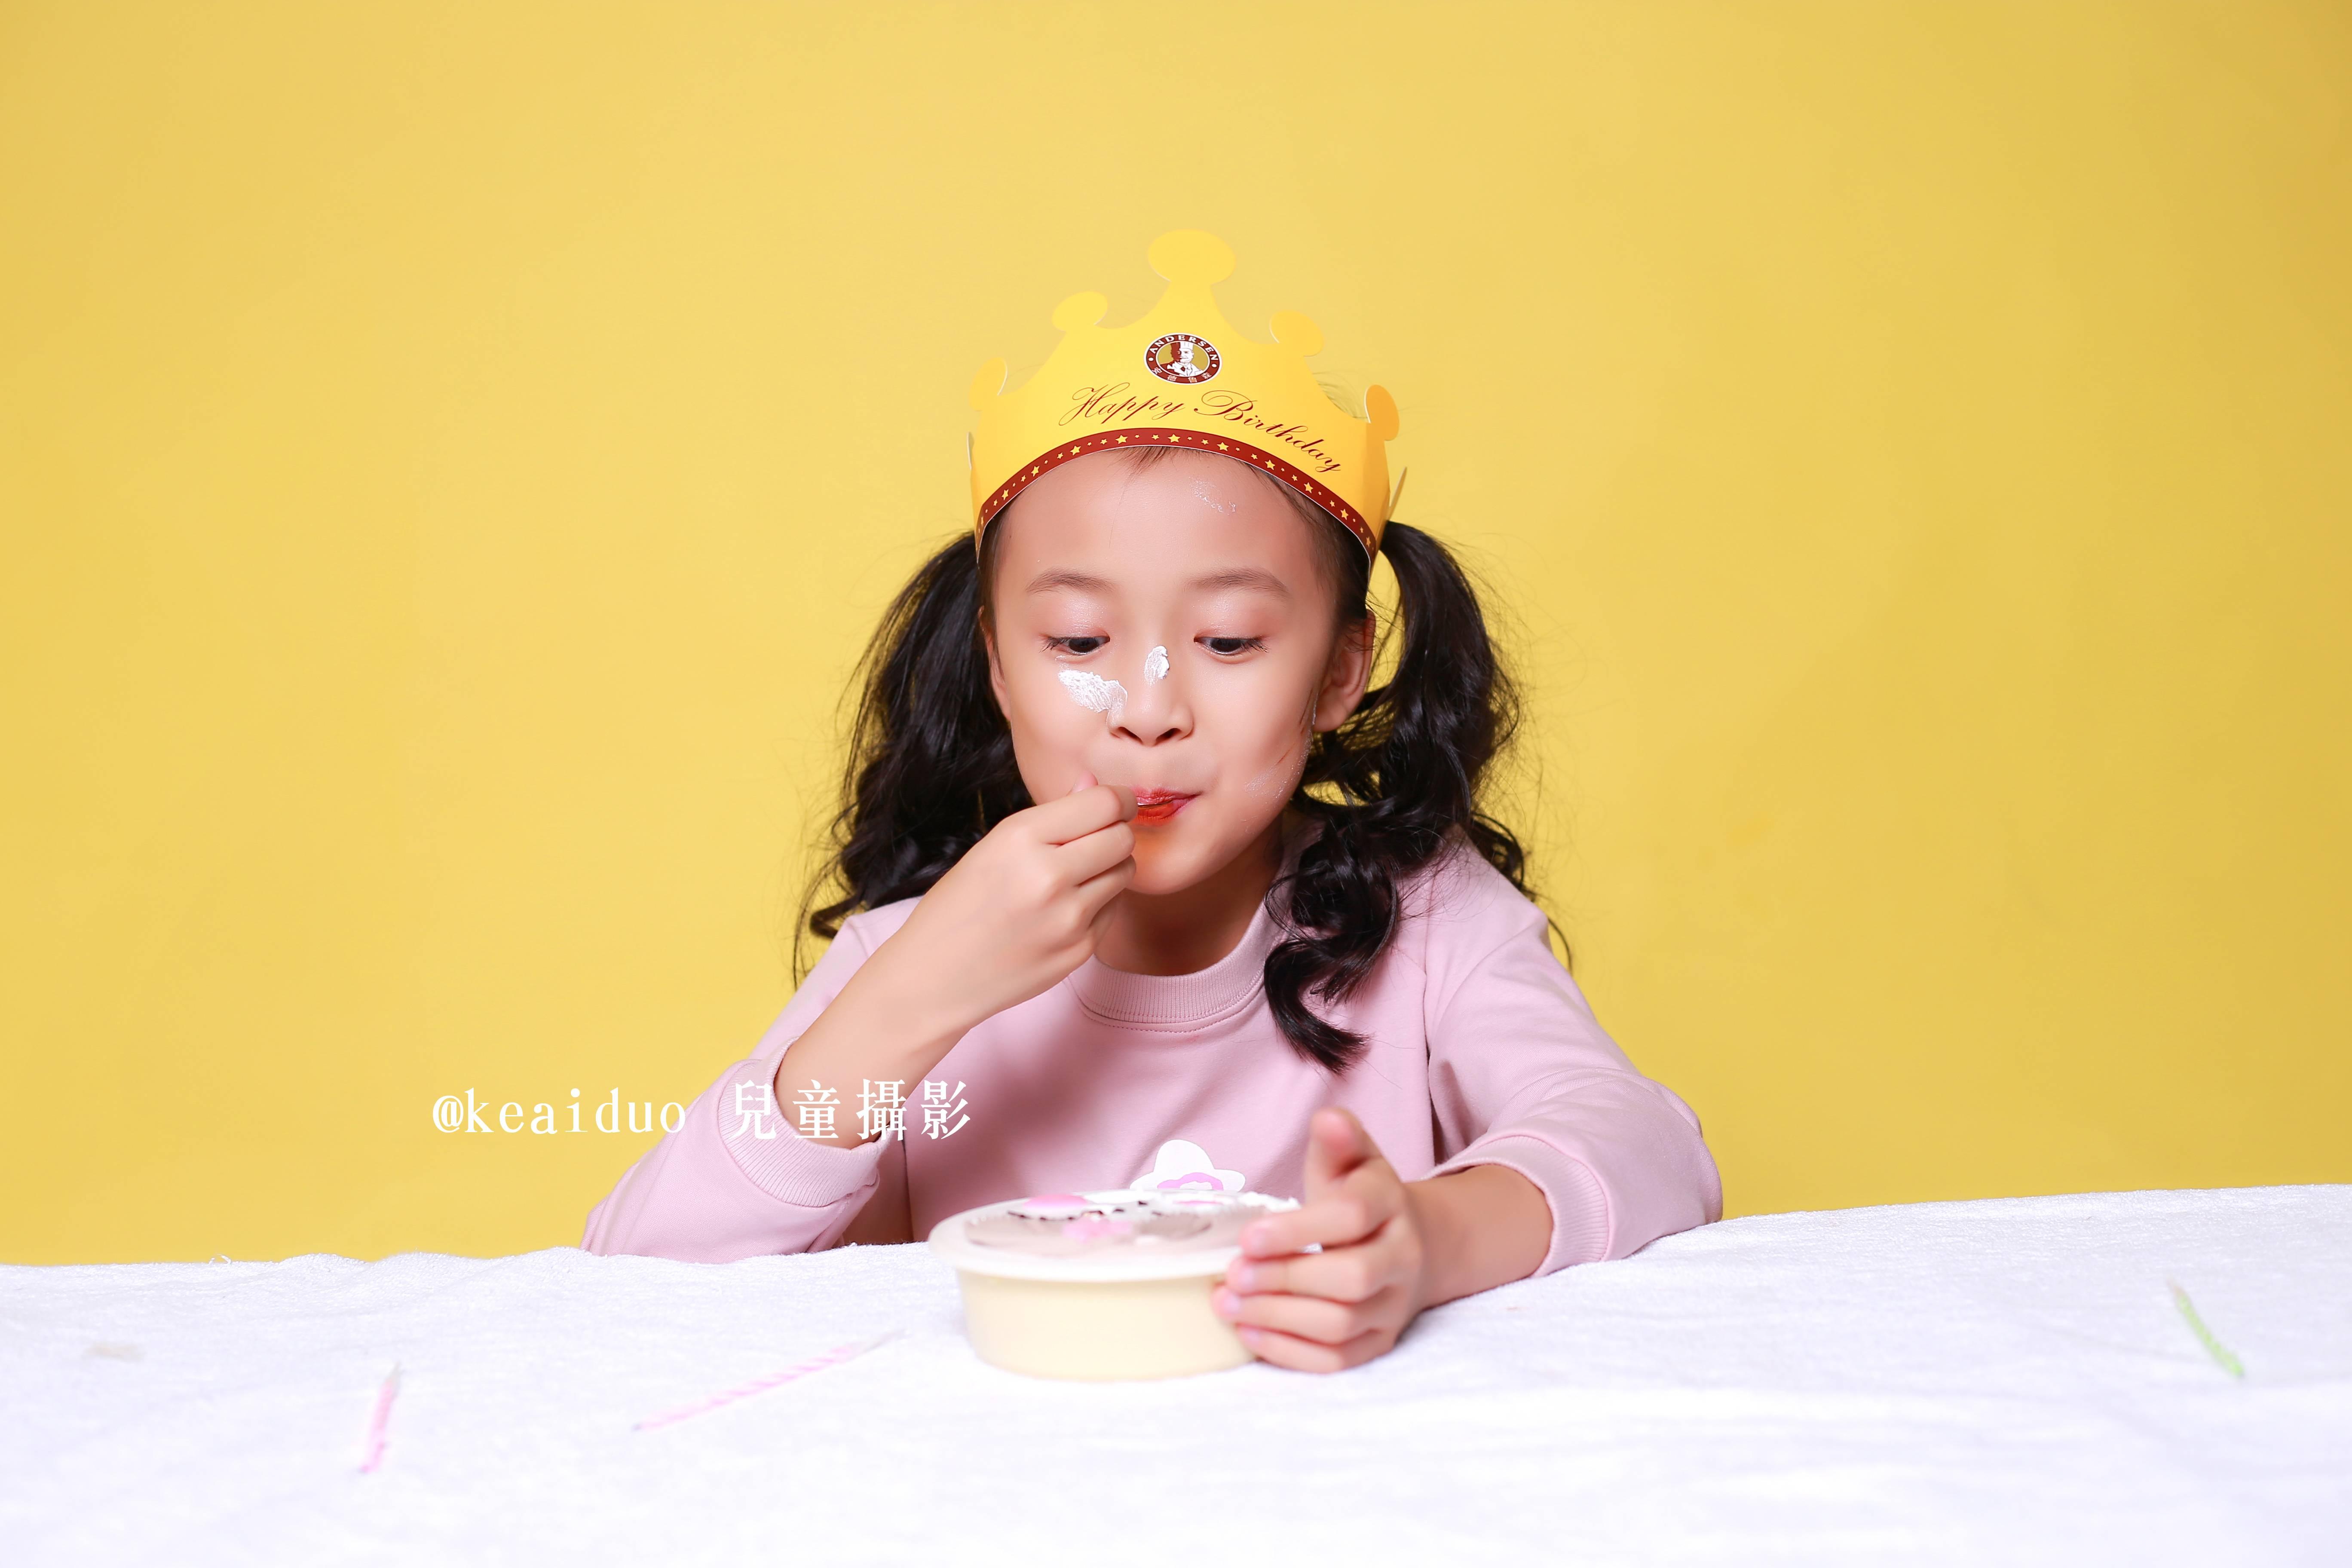 儿童摄影让我们拥有孩子一辈子_可爱多儿童摄影_新浪